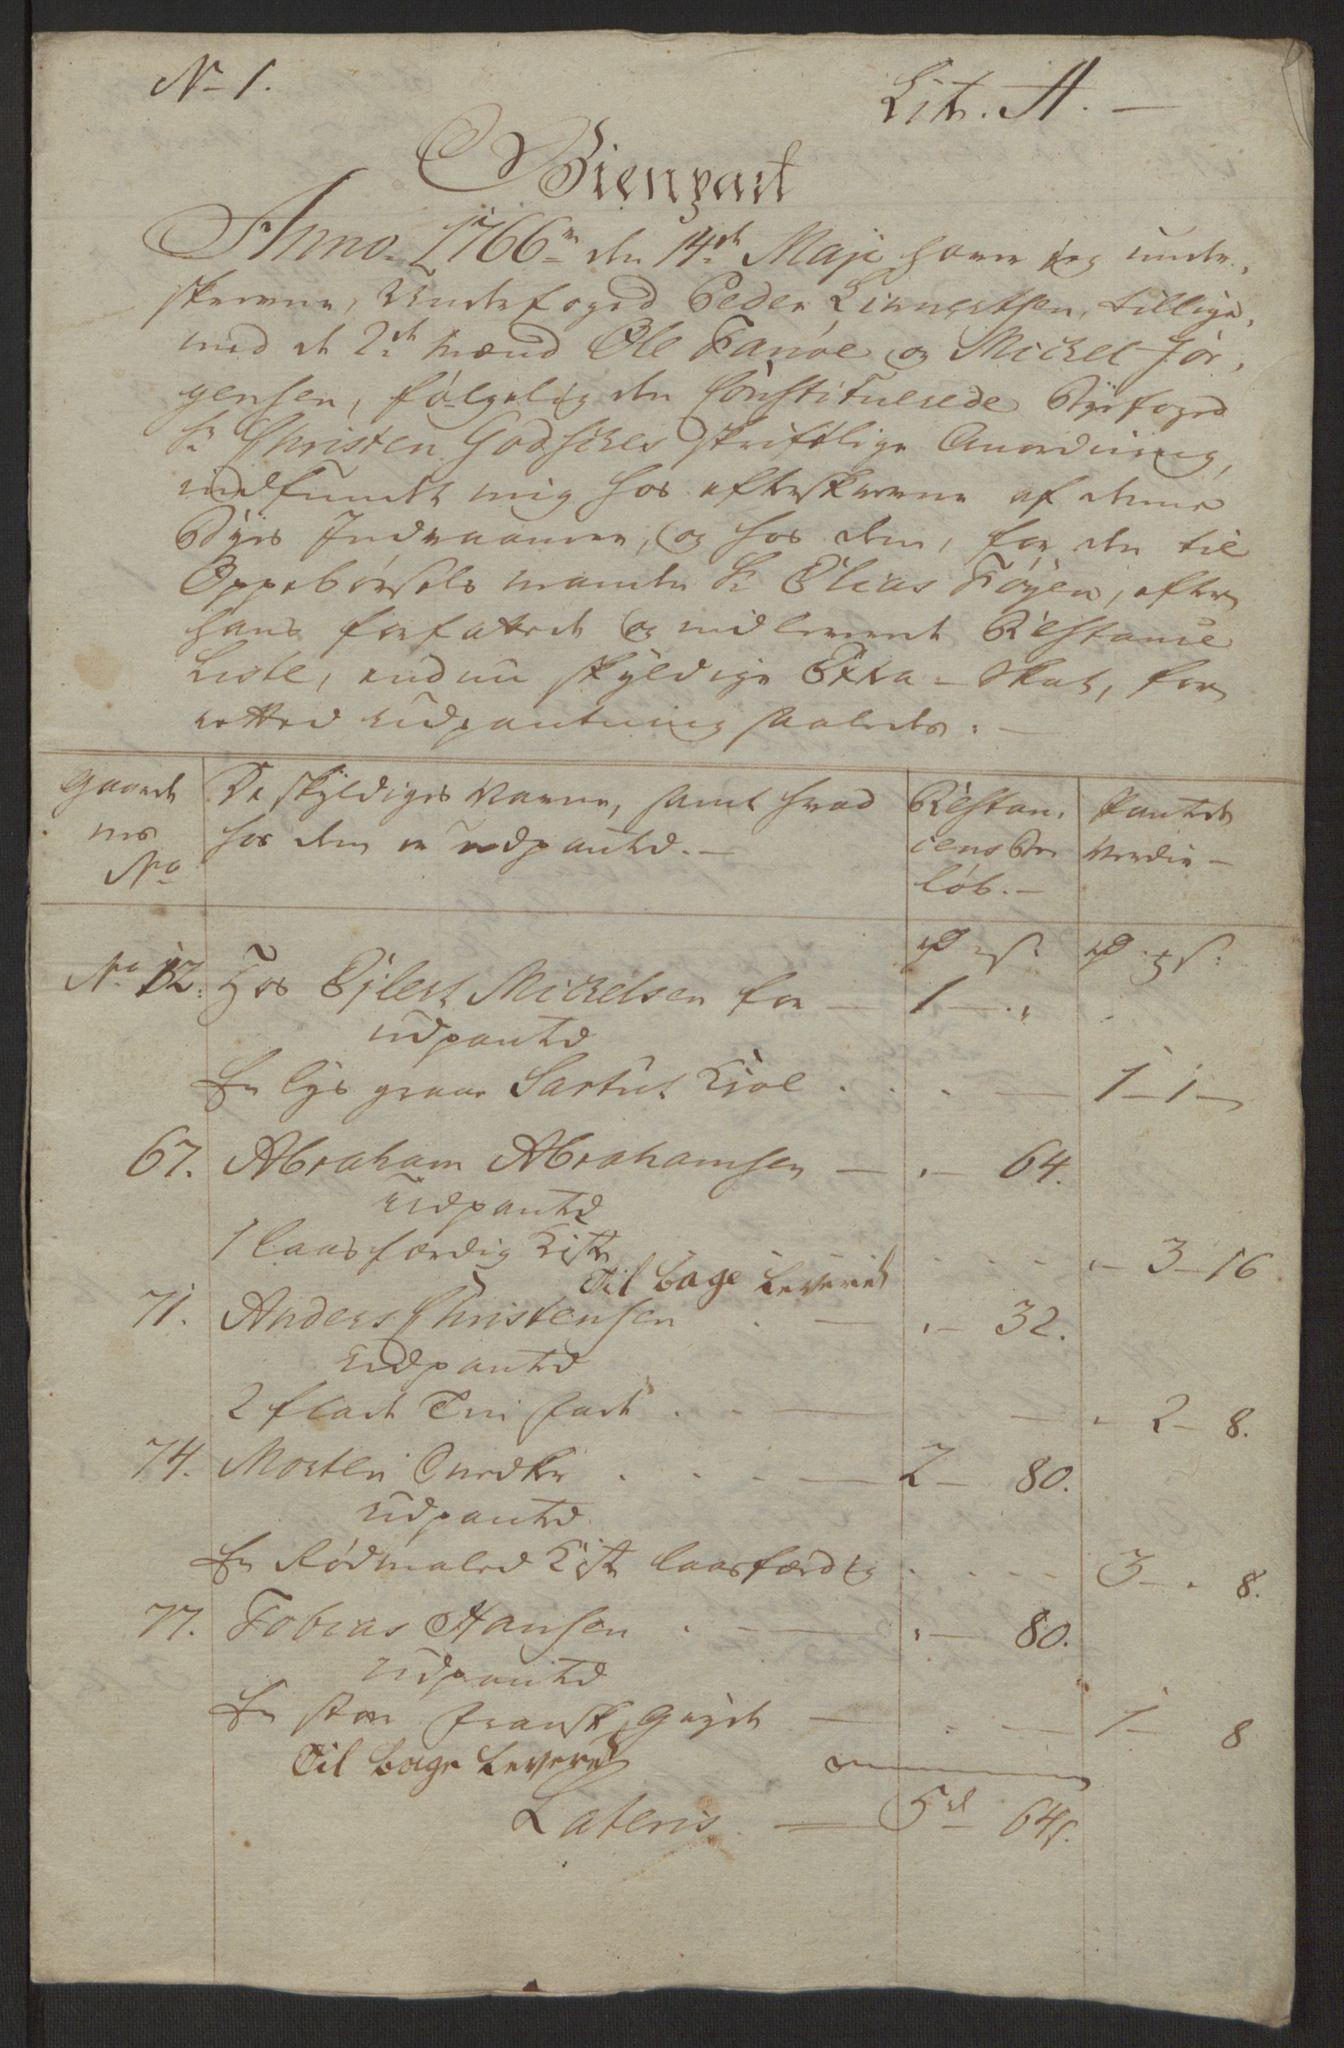 RA, Rentekammeret inntil 1814, Reviderte regnskaper, Byregnskaper, R/Rh/L0162: [H4] Kontribusjonsregnskap, 1762-1772, s. 419